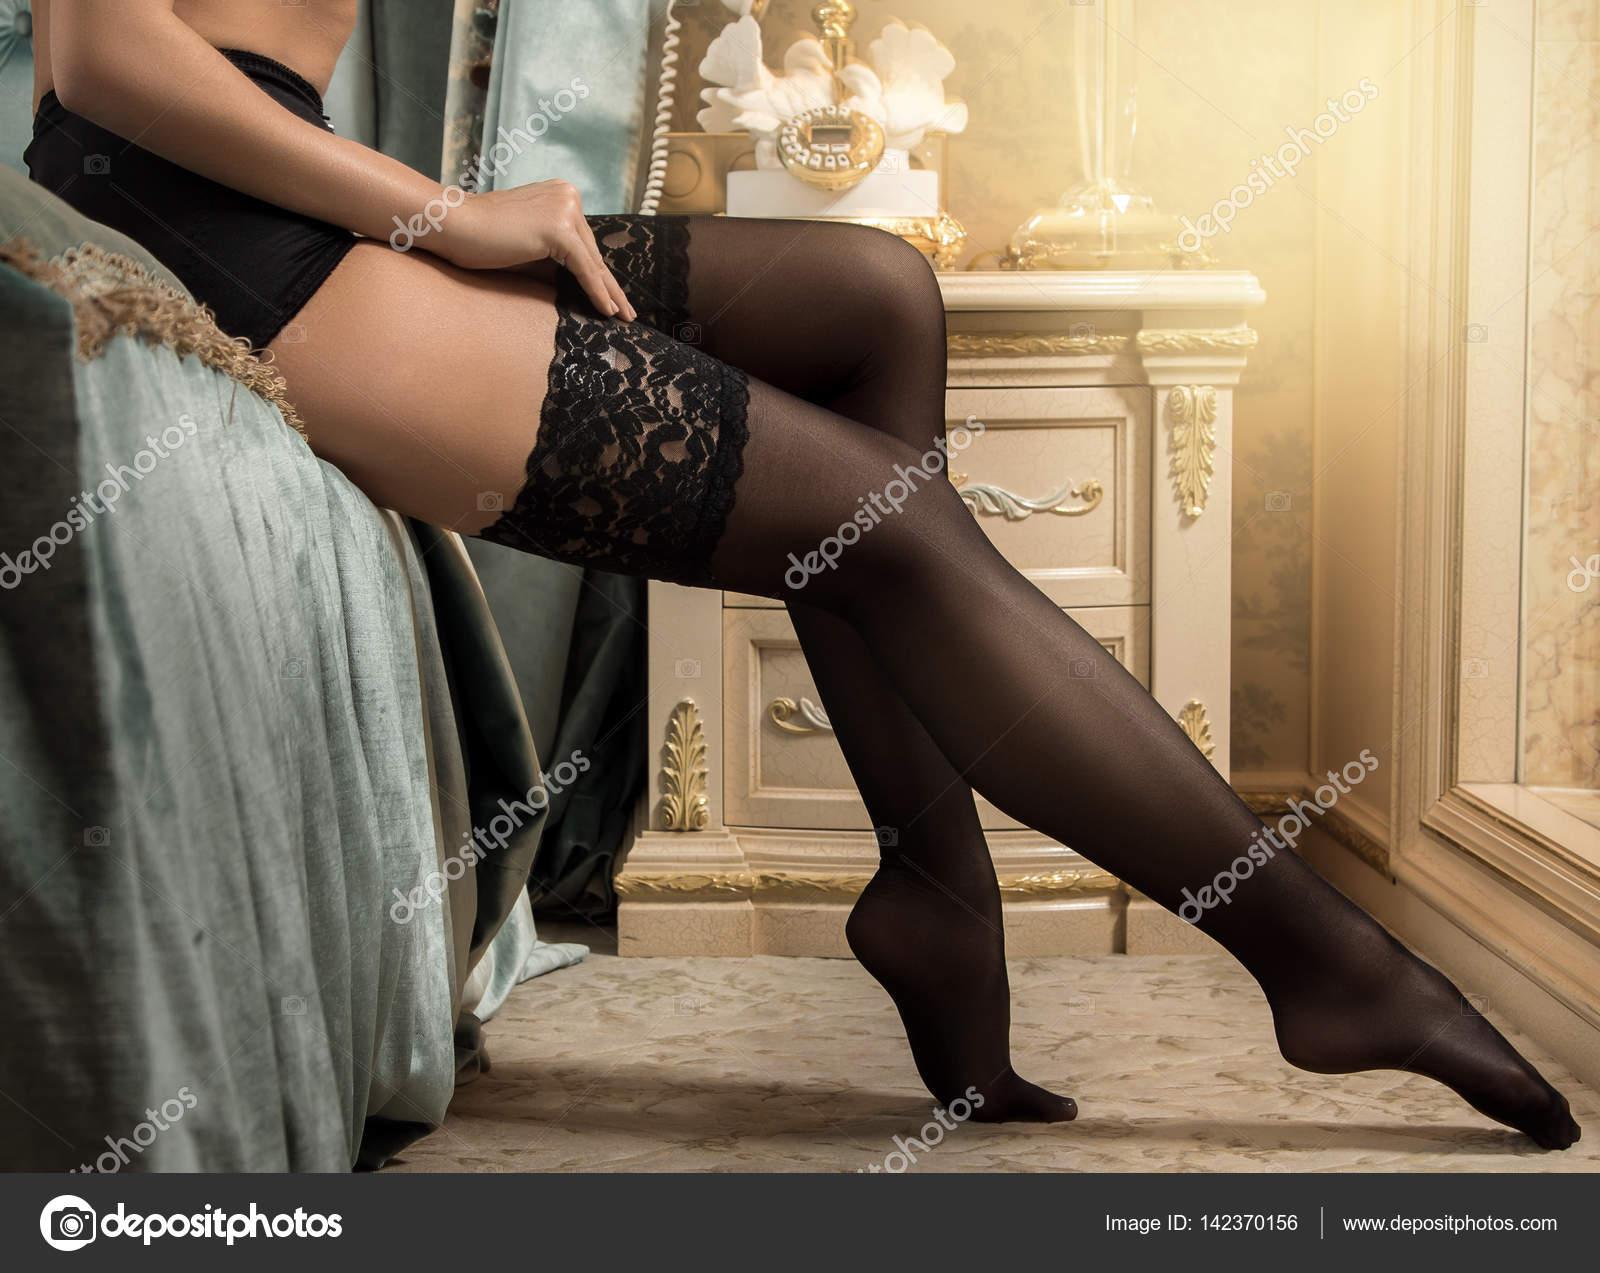 Красивые женские ножки в чулочках, зрелые сквиртинг онлайн